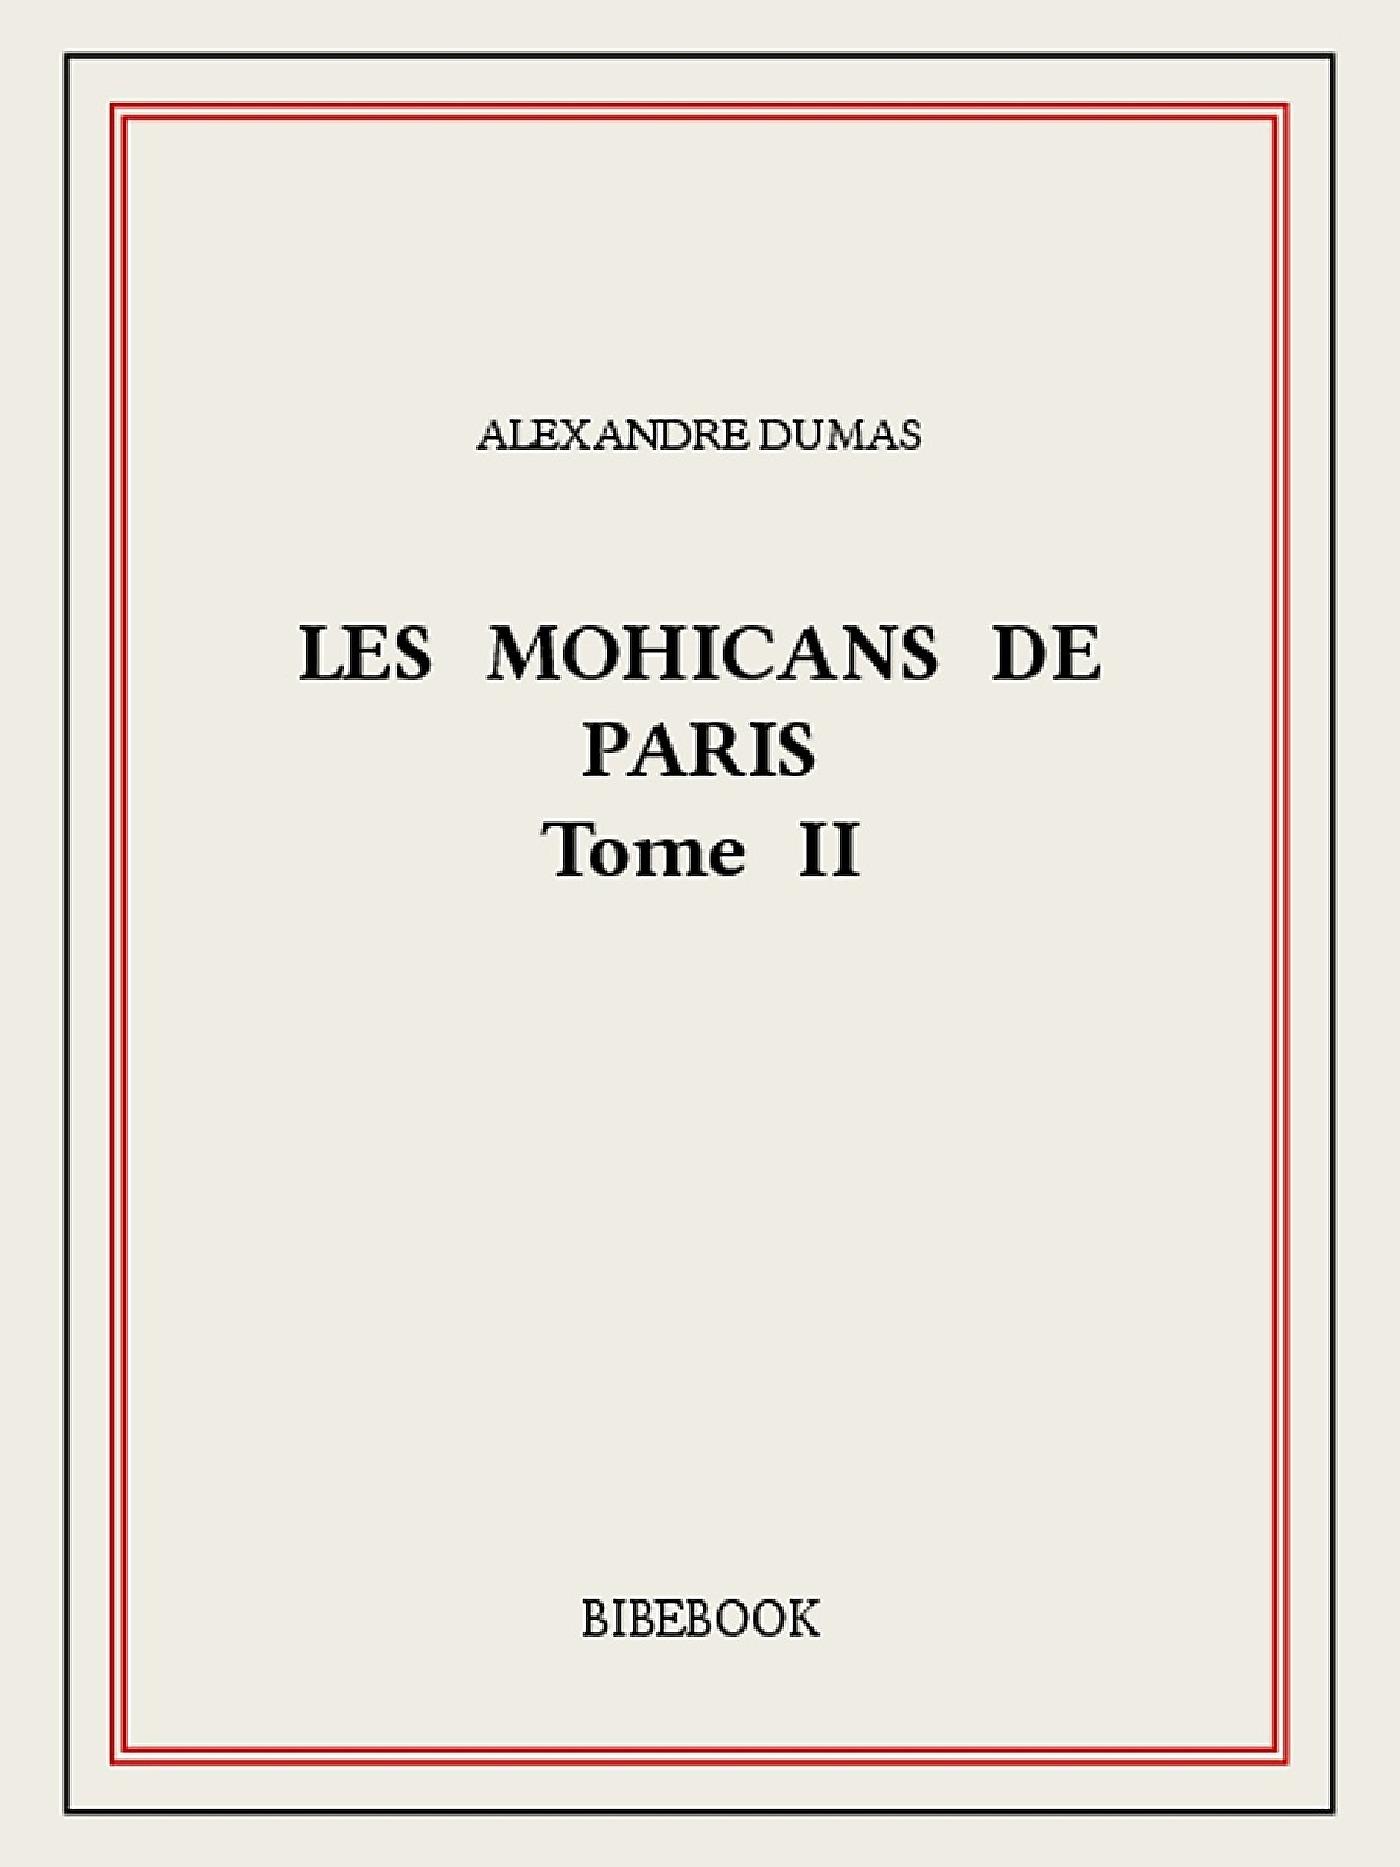 Les Mohicans de Paris 2